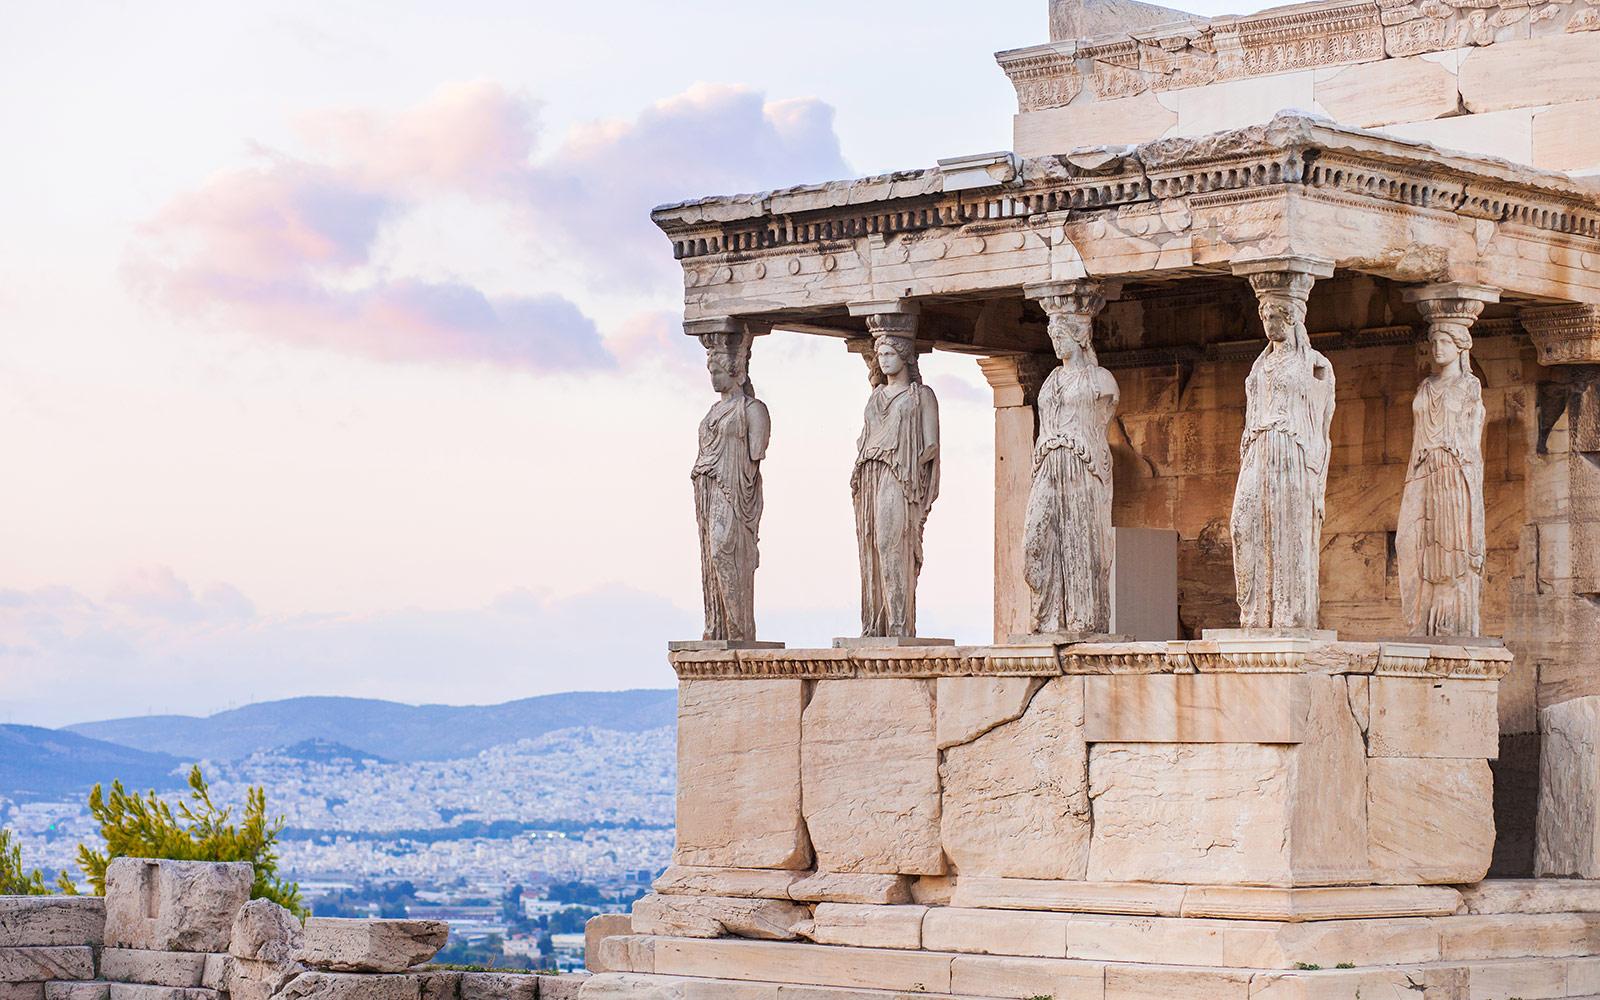 Gratis dating websteder Grækenland